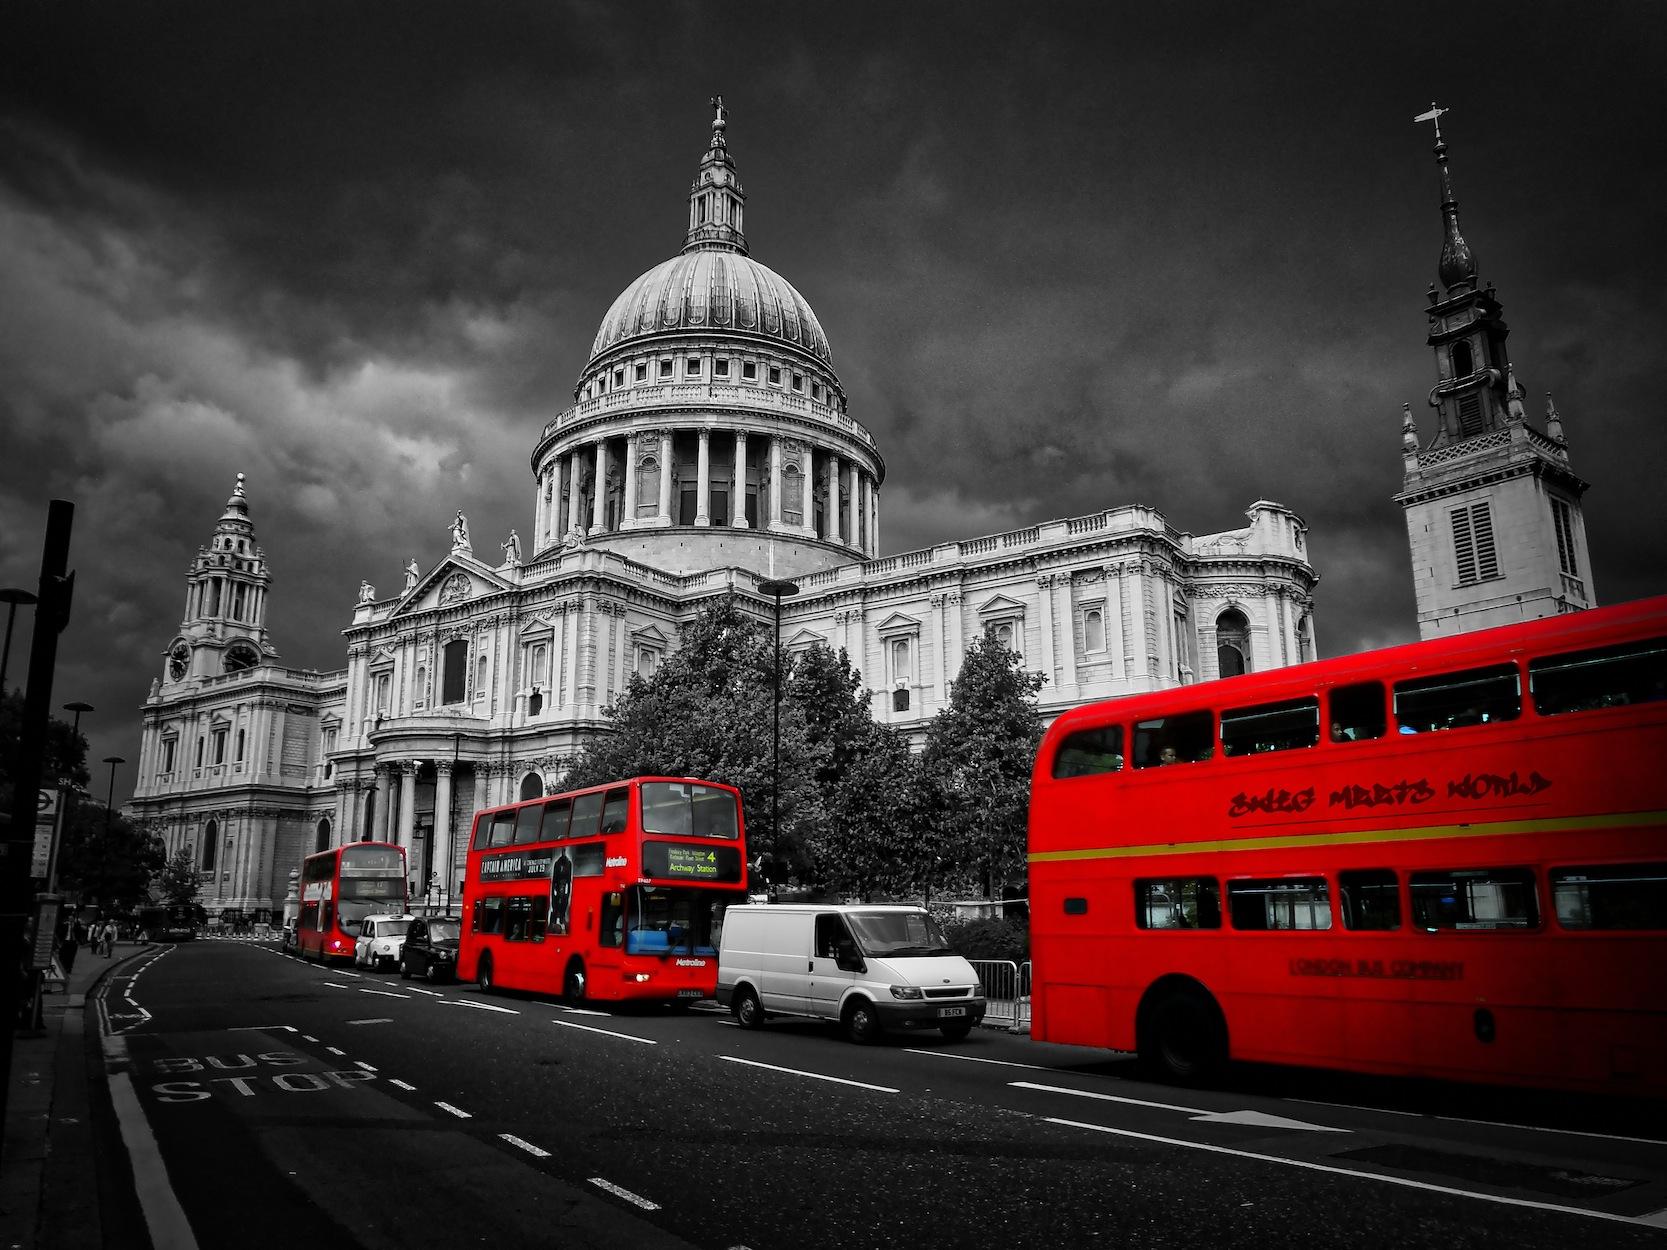 Londra'nın Kırmızı Otobüsleri - Resimli Dekoratif Duvar Kağıdı